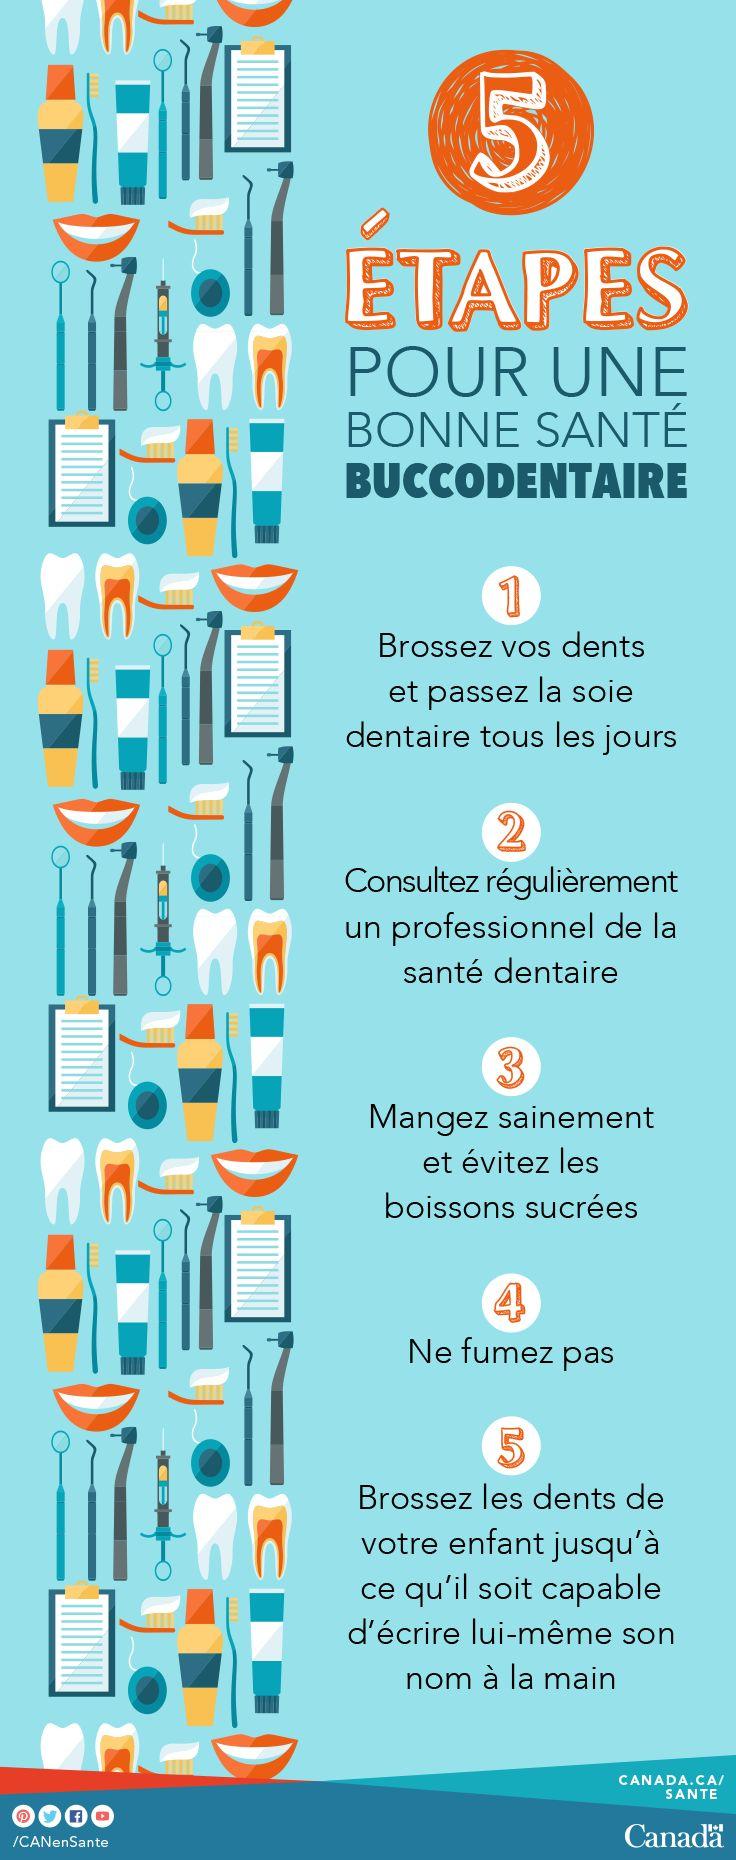 Voyez d'autres façons de garder un sourire brillant et en santé.  http://www.hc-sc.gc.ca/hl-vs/oral-bucco/care-soin/index-fra.php?utm_source=pinterest_hcdns&utm_medium=social_fr&utm_content=feb16_oral+health&utm_campaign=social_media_14